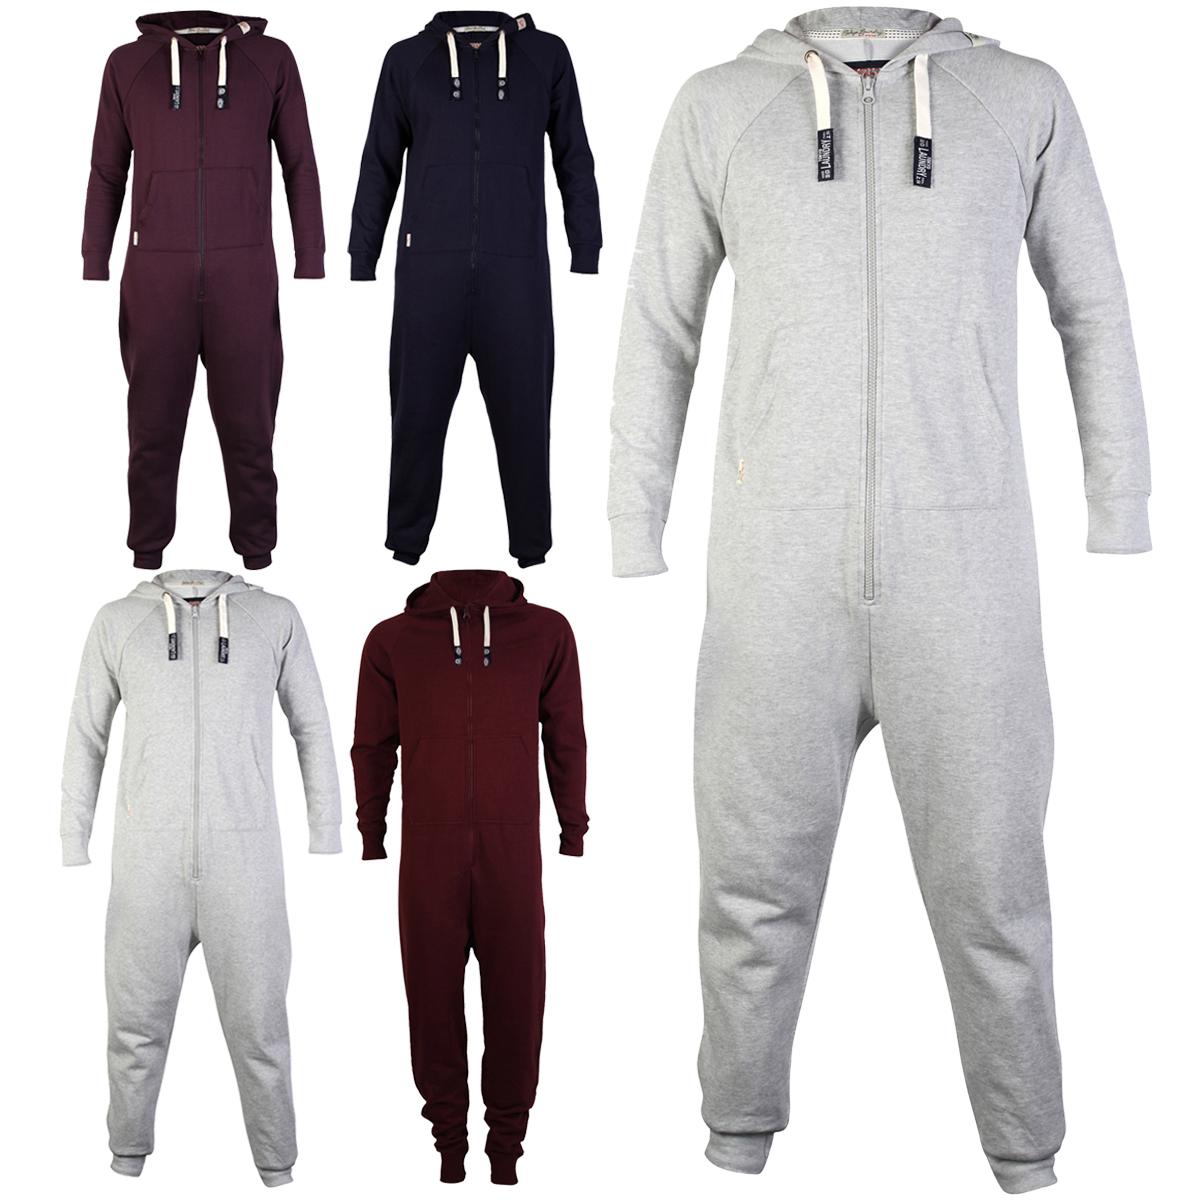 Combinaison homme tokyo laundry saul laine jersey polaire tout en un taille s xl ebay - Combinaison polaire homme ...